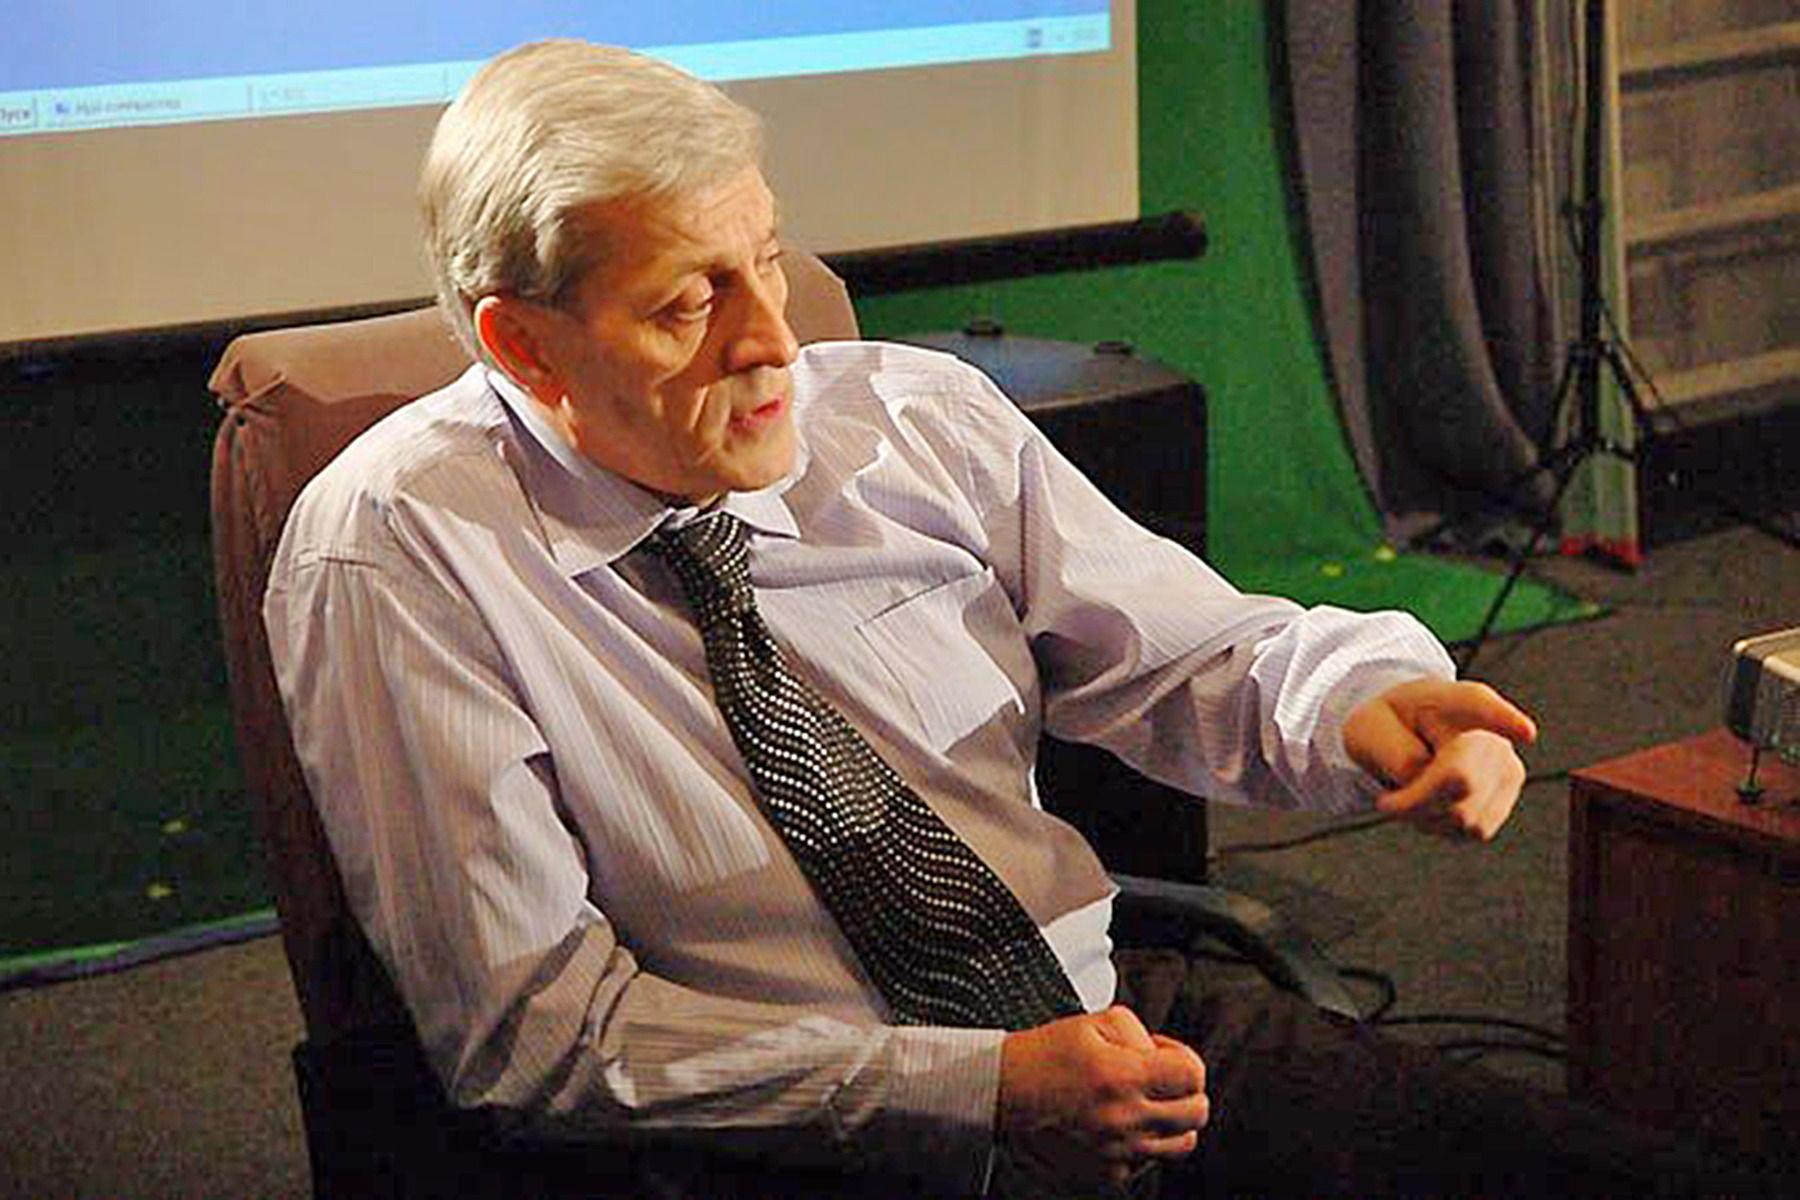 Профессор ВГУЭС Александр Исаев о своем кинематографическом опыте и фильмах, обреченных на успех